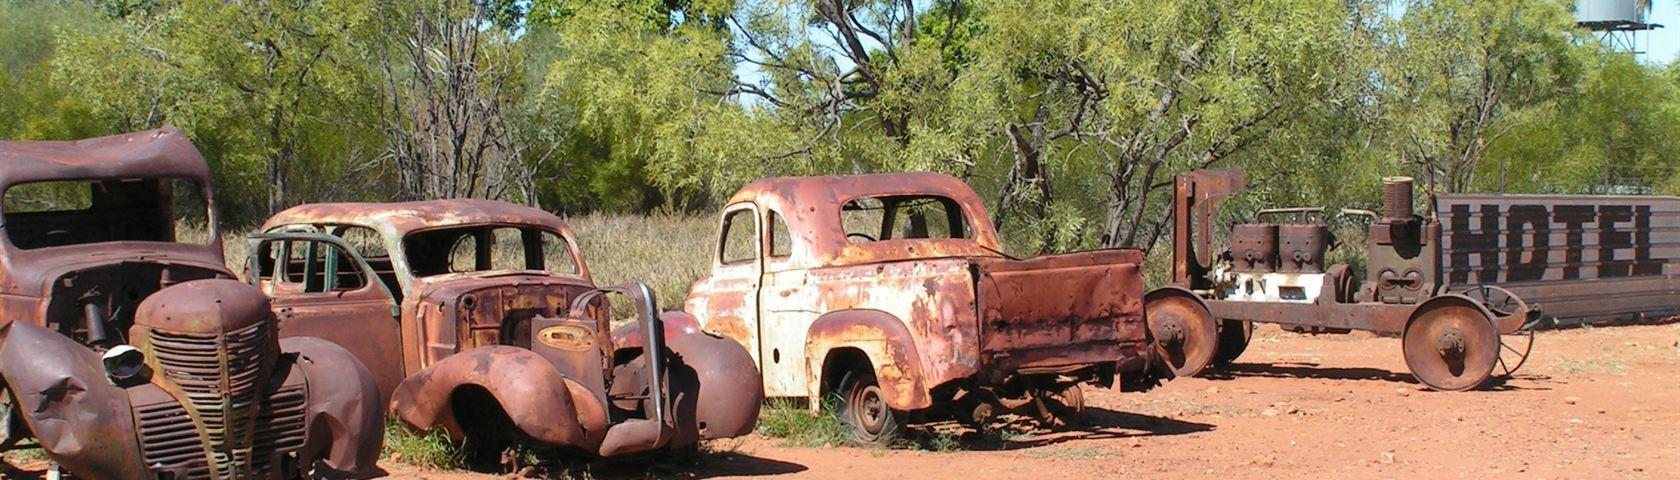 Old Broken Cars